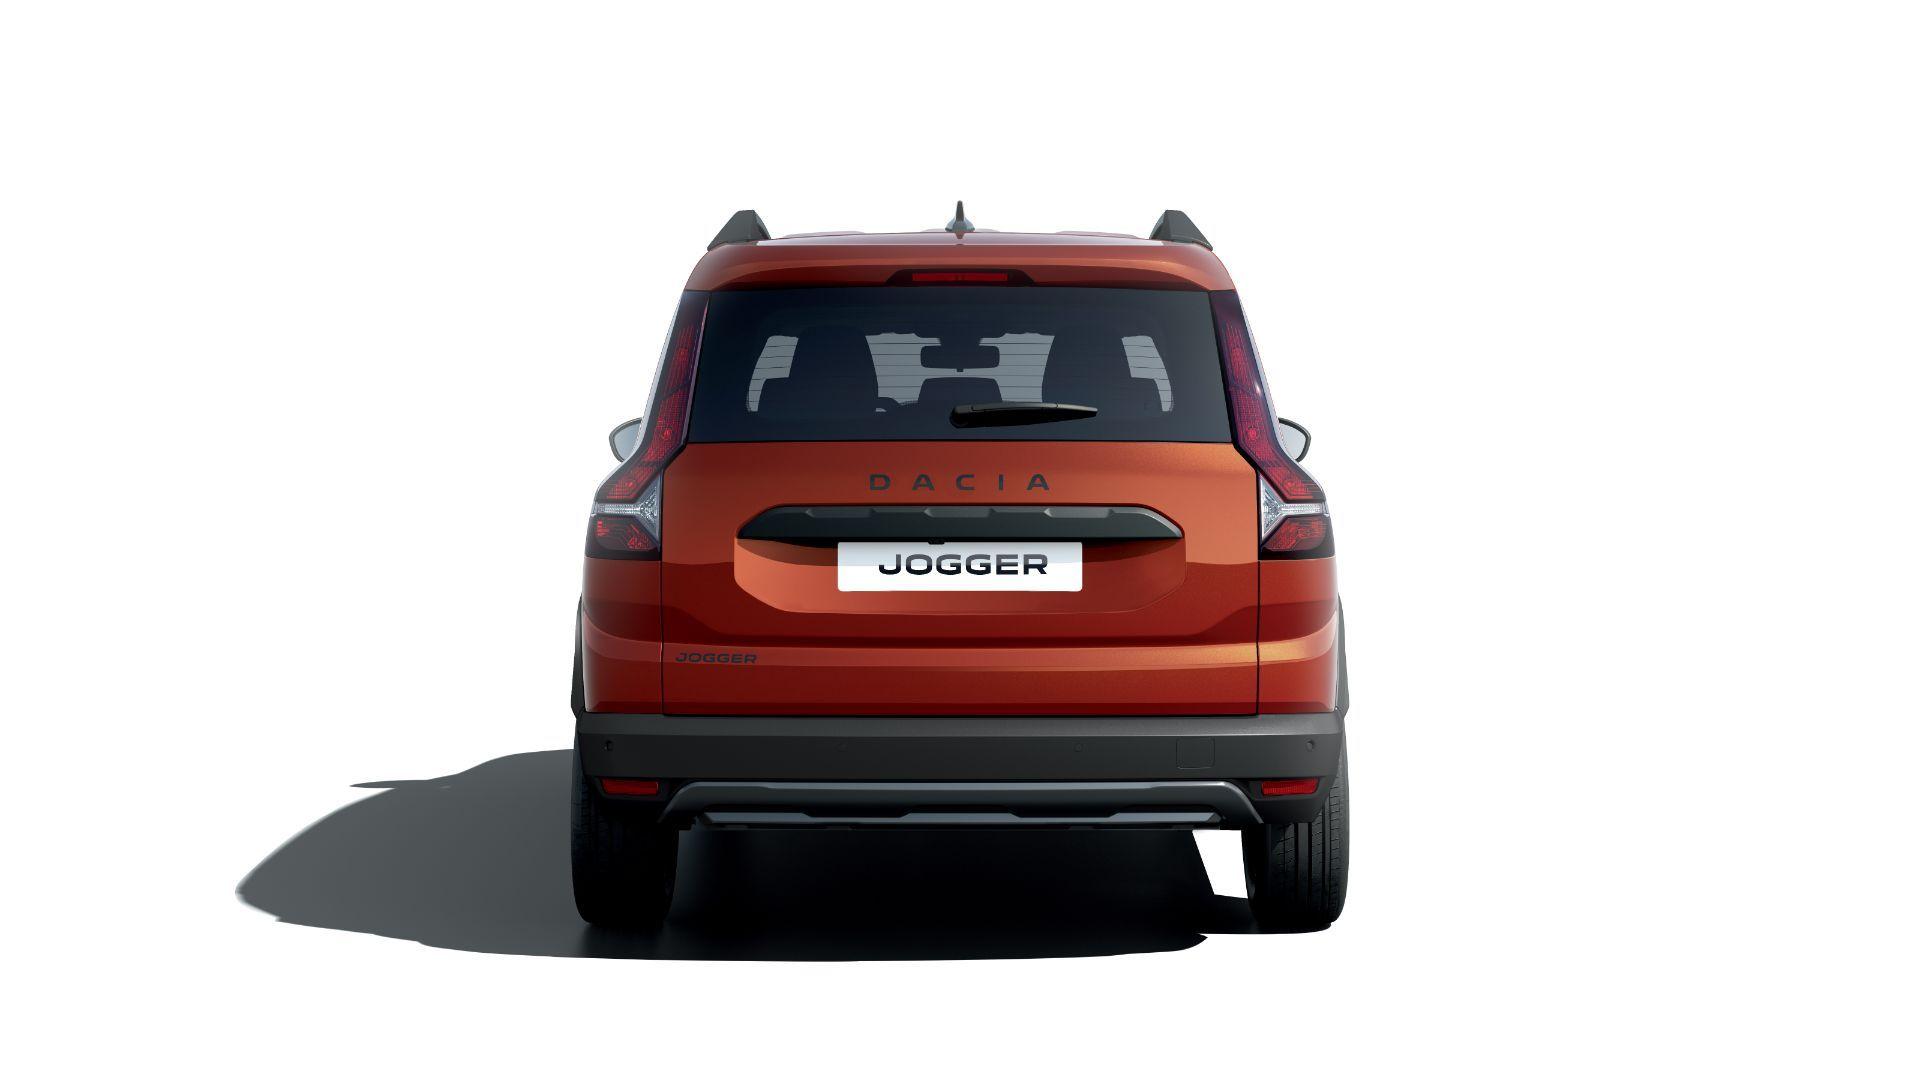 Dacia-Jogger-26